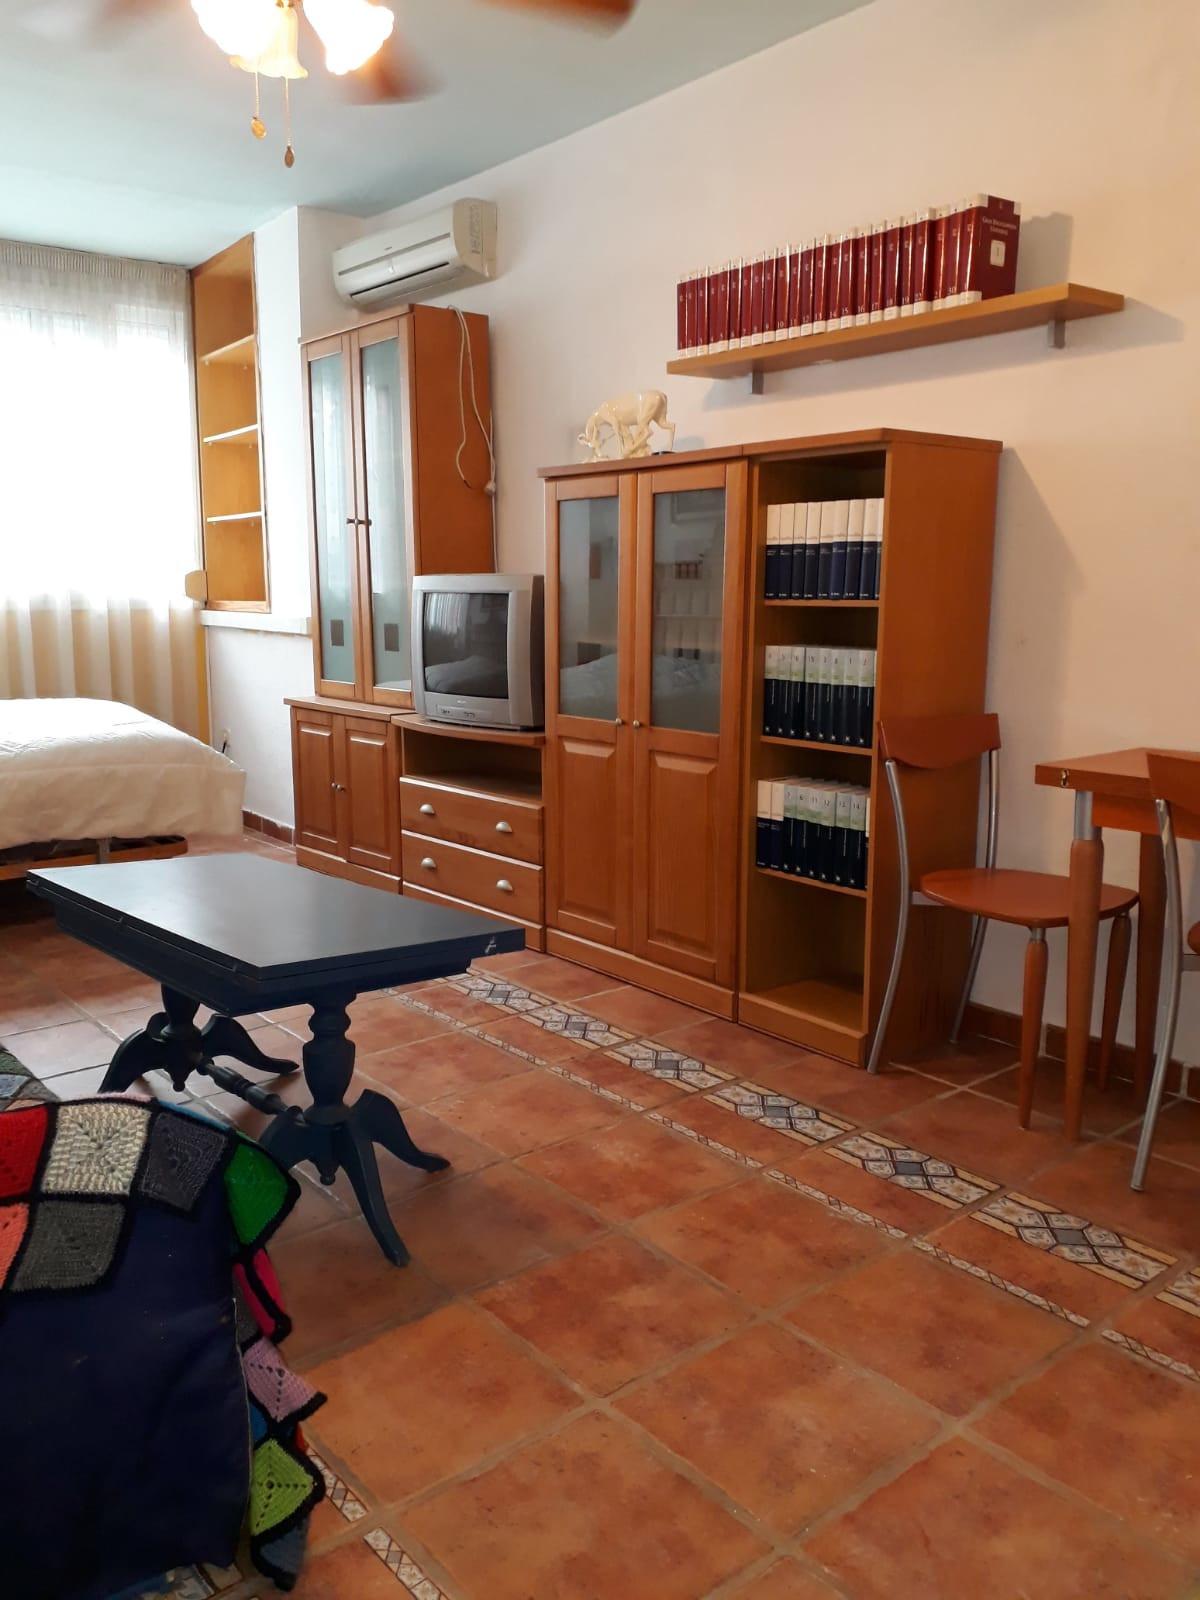 Estudio Planta Baja 0 Dormitorio(s) en Venta Torremolinos